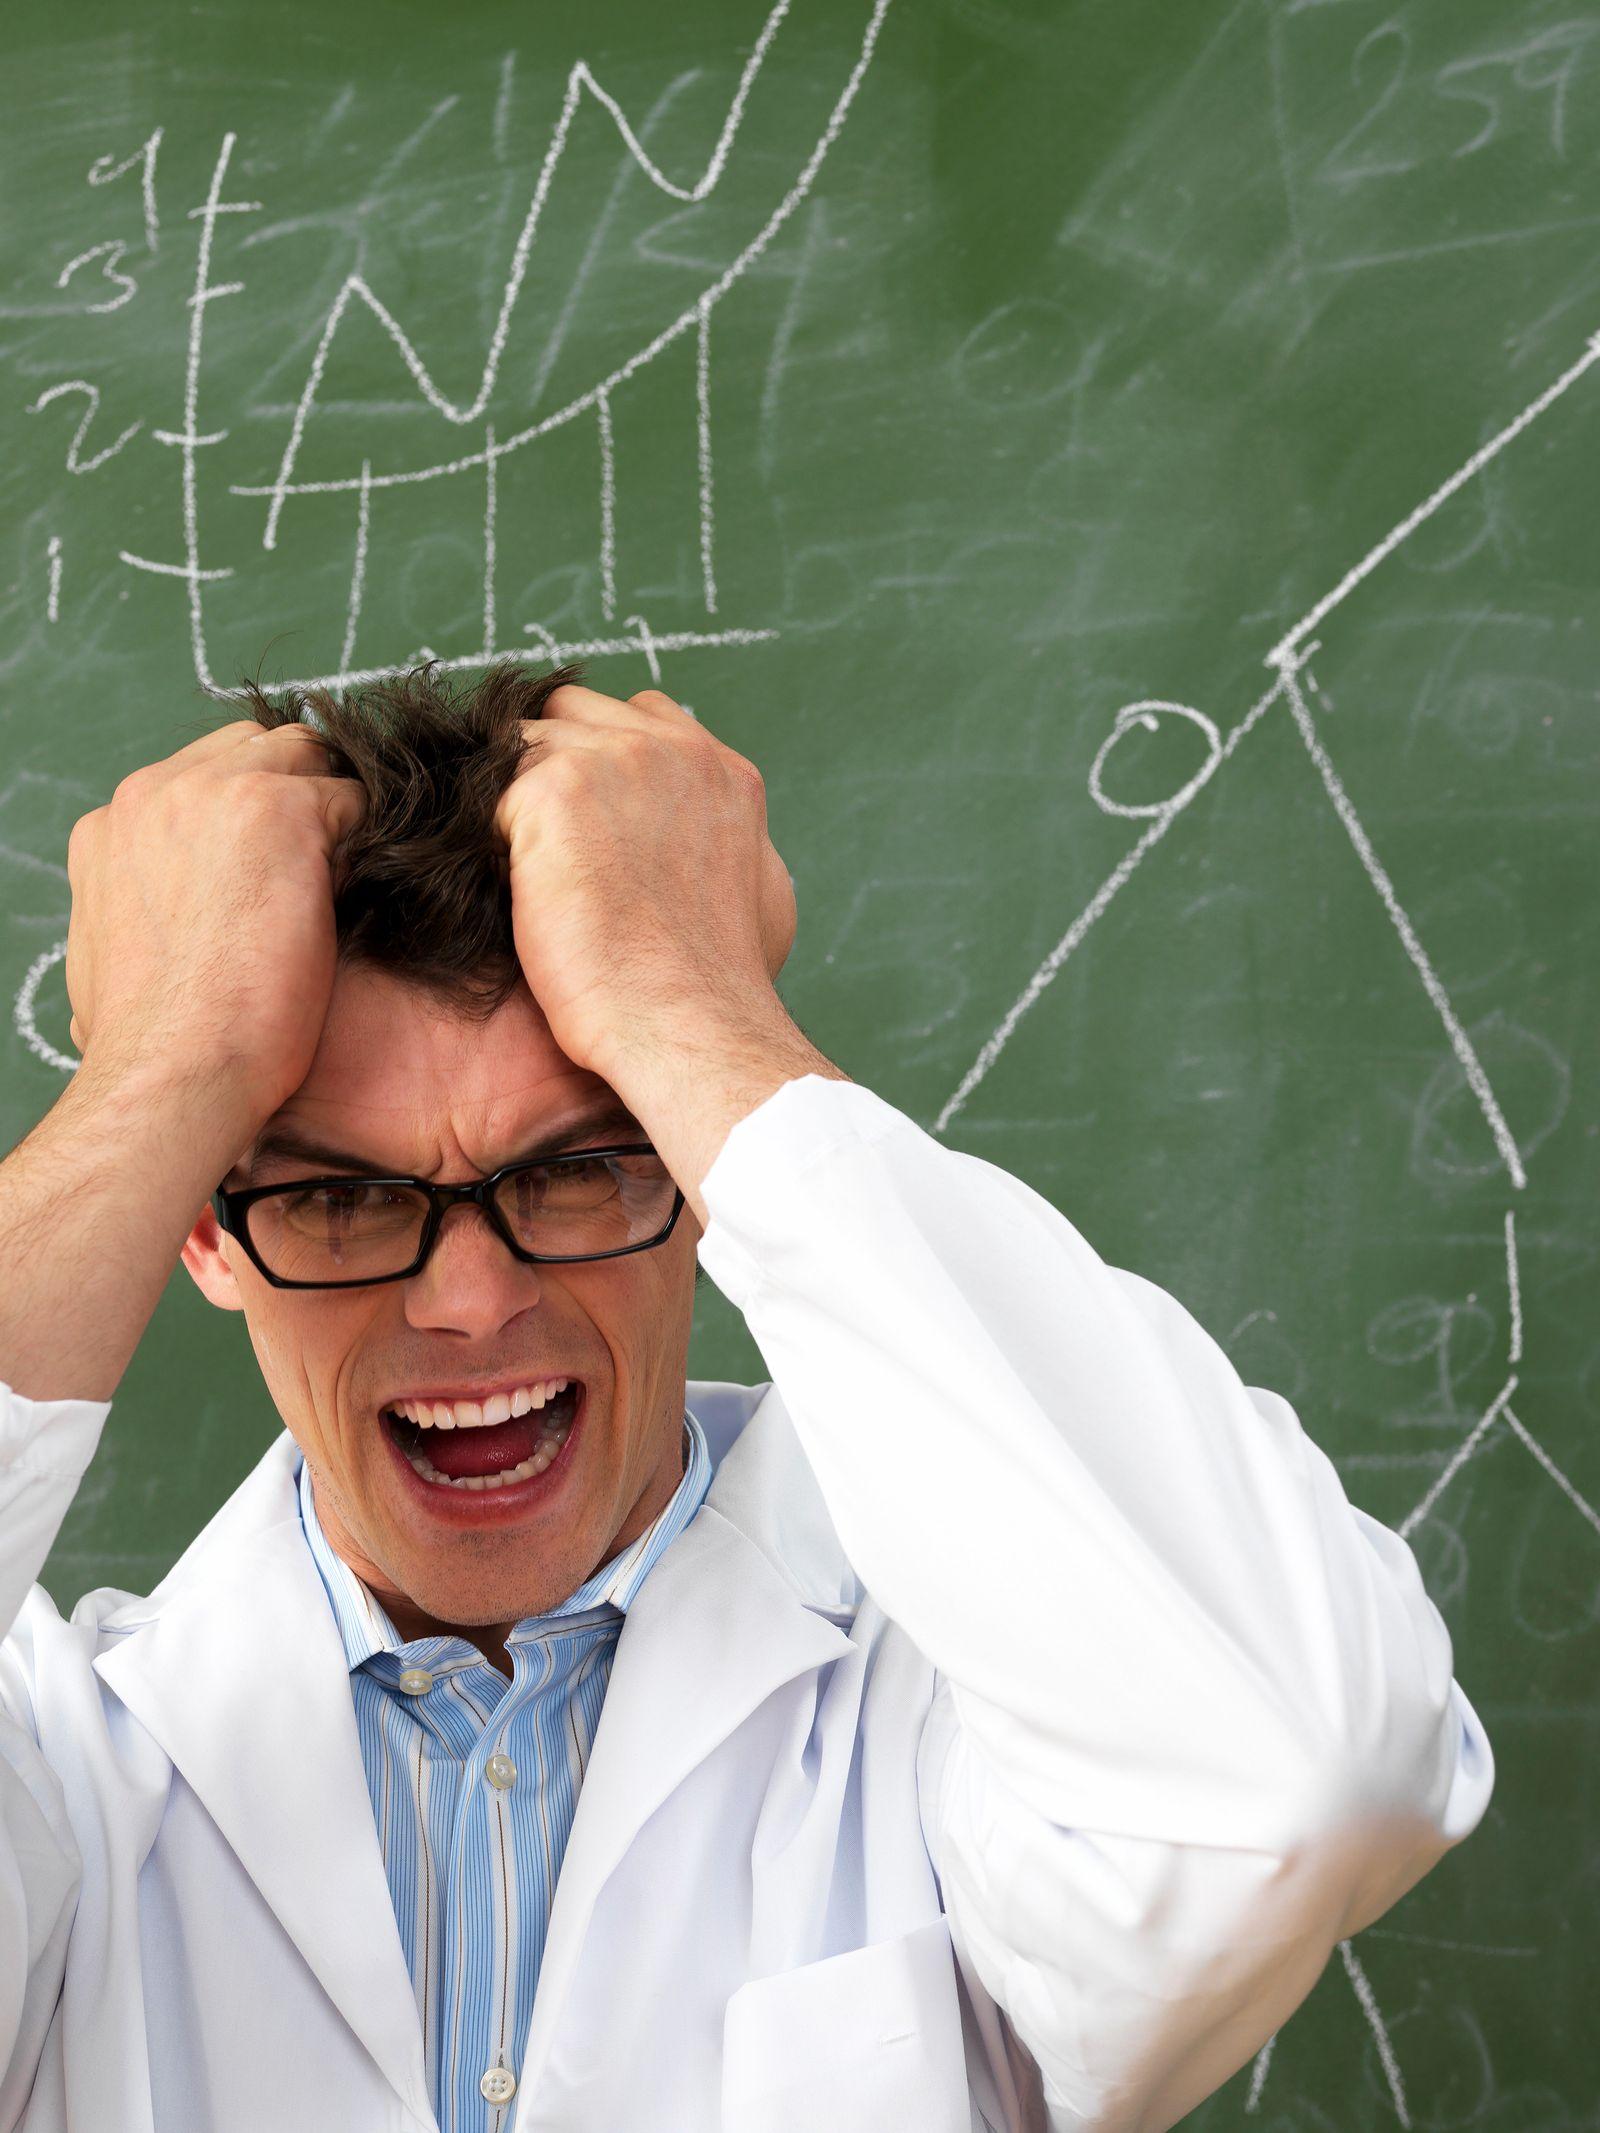 NICHT MEHR VERWENDEN! - Lehrer / gestresst / verzweifelt / genervt